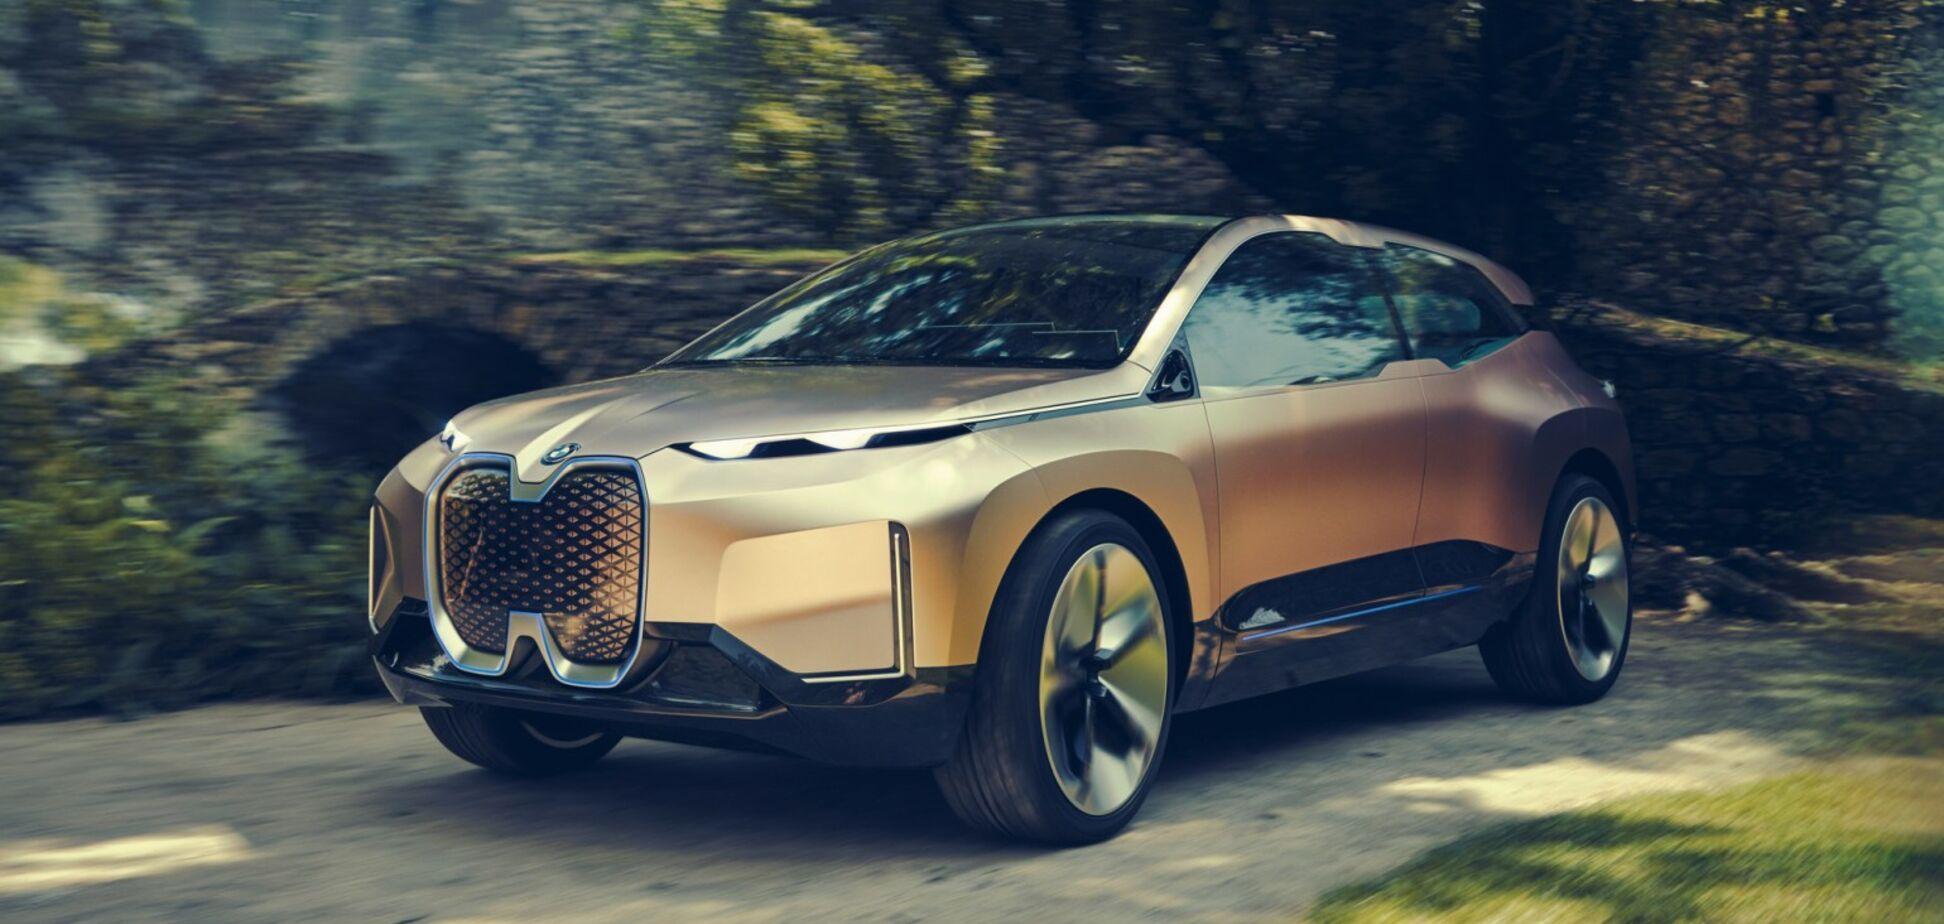 Топовый электрический кроссовер BMW: на одном заряде — 750 км!